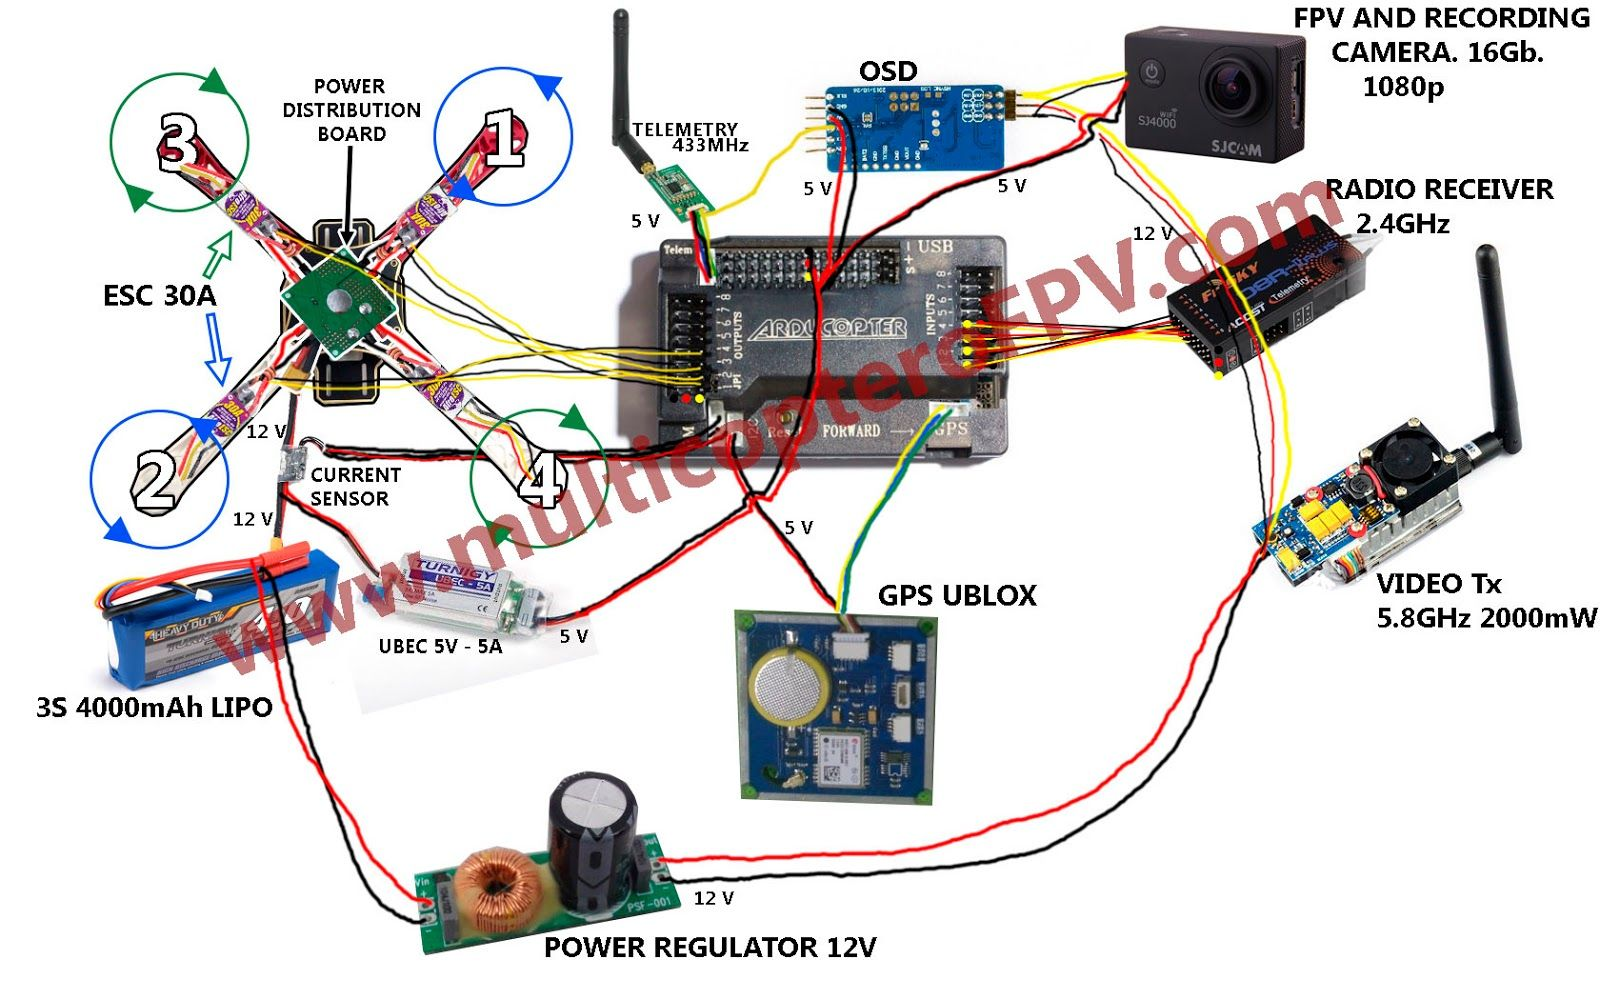 hight resolution of plano de conexiones de arducopter apm 2 6 con gps telemetr a y osd wiring diagram 2 6 also build your own quadcopter also arducopter